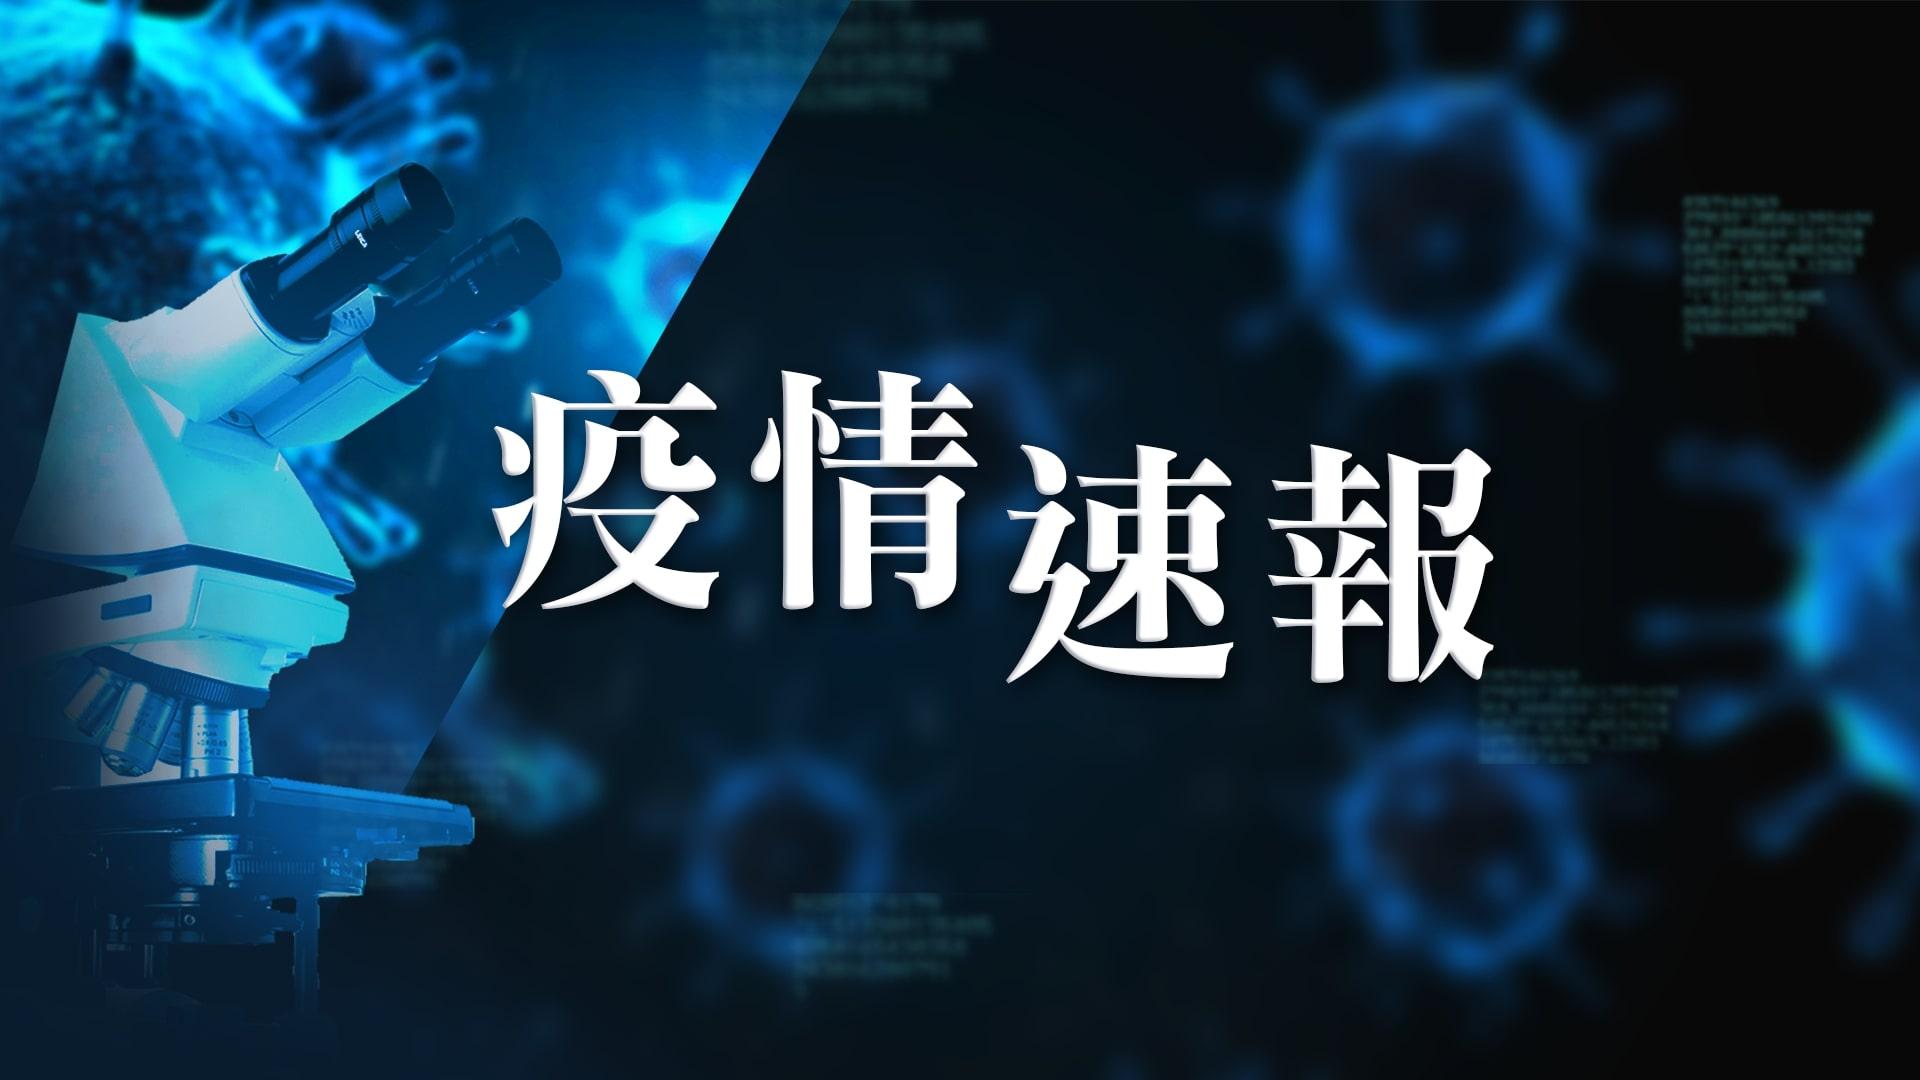 【11月27日疫情速報】(17:05)